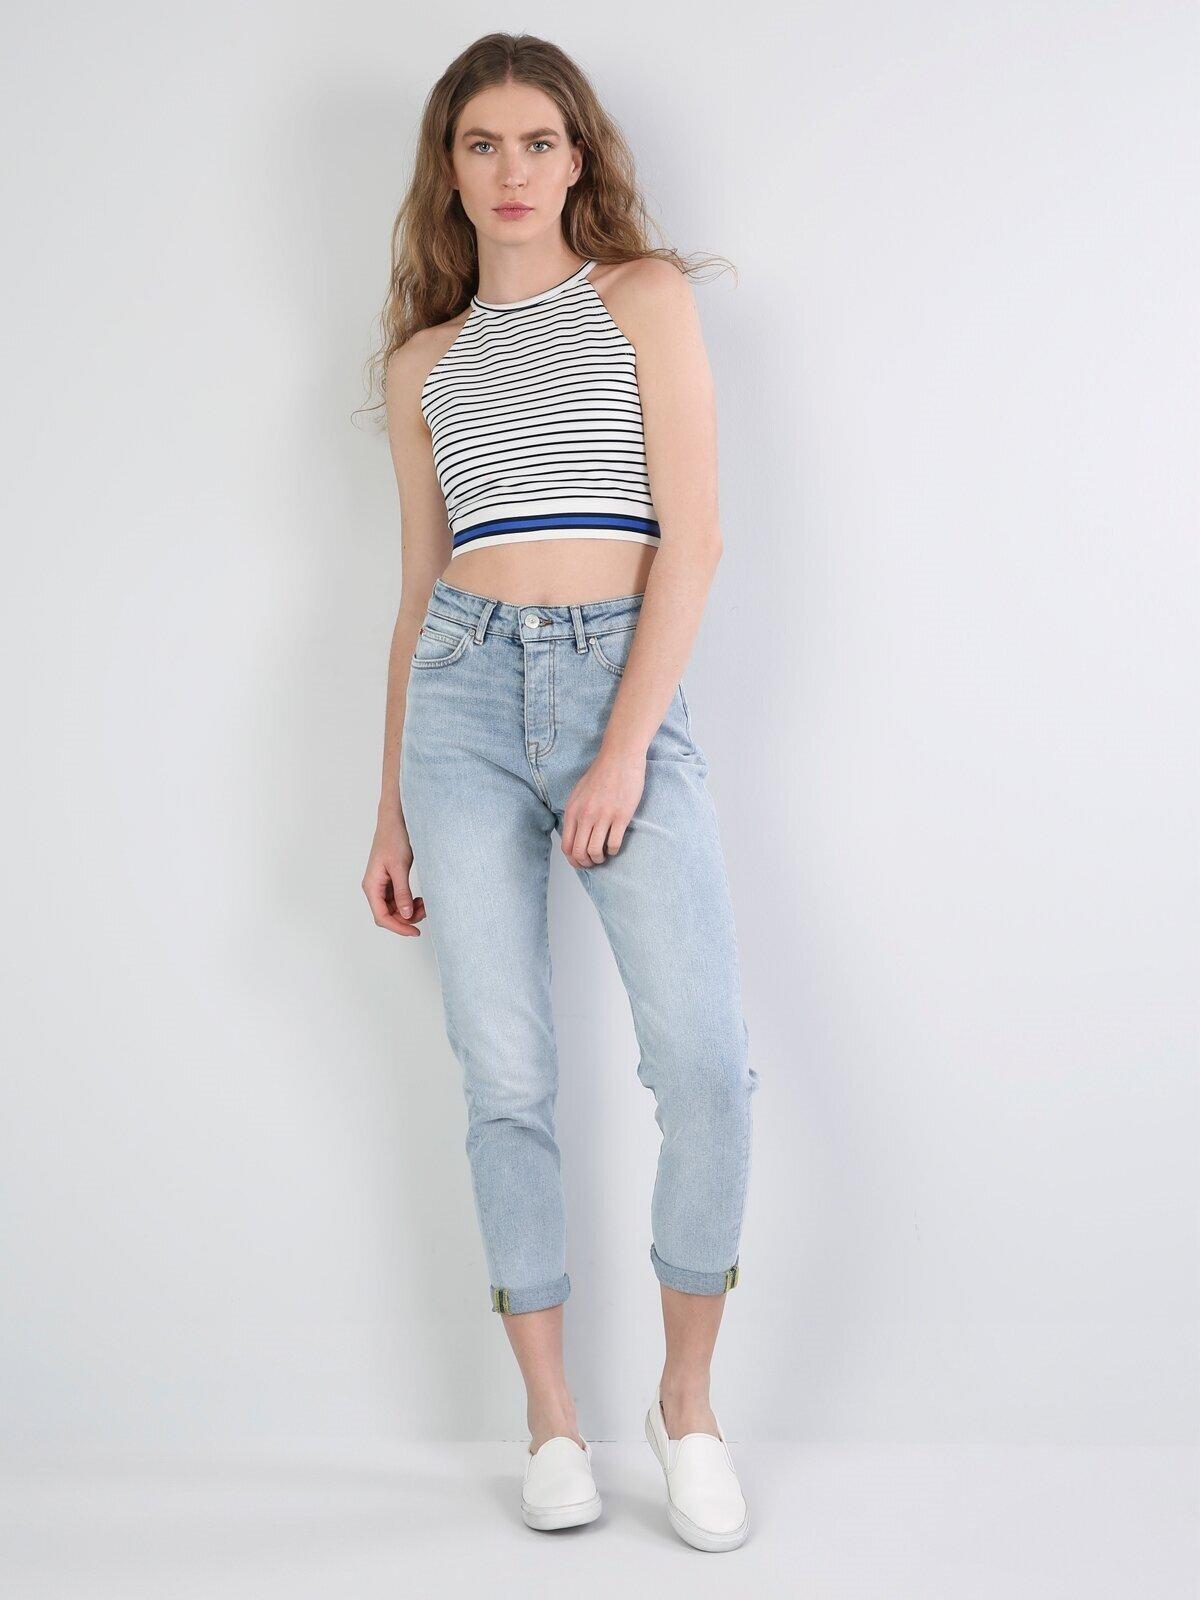 9233a36cbe82e Kadın Giyim Modelleri ve Fiyatları | Colin's Online Alışveriş